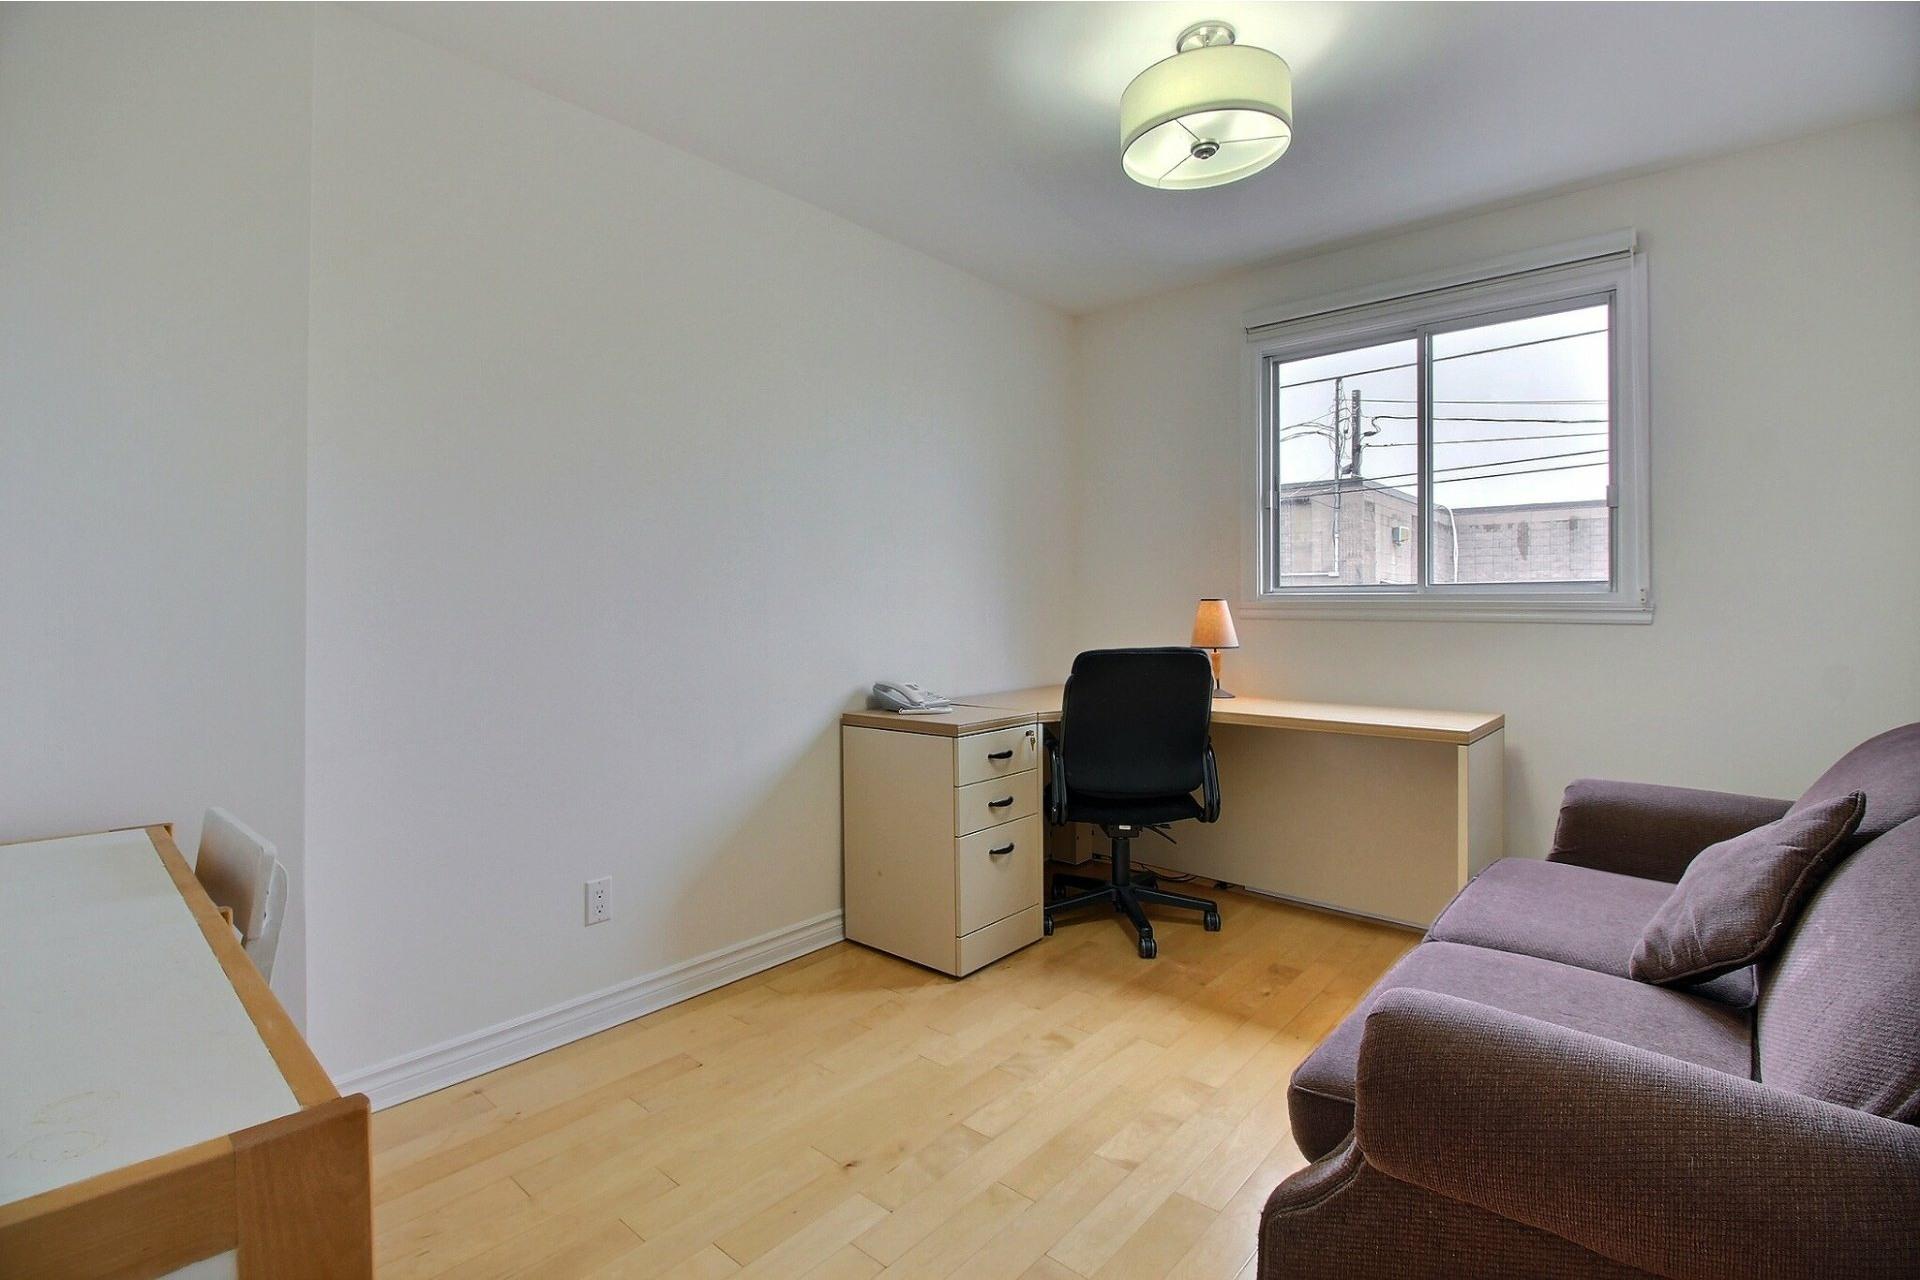 image 20 - Appartement À vendre Rivière-des-Prairies/Pointe-aux-Trembles Montréal  - 5 pièces